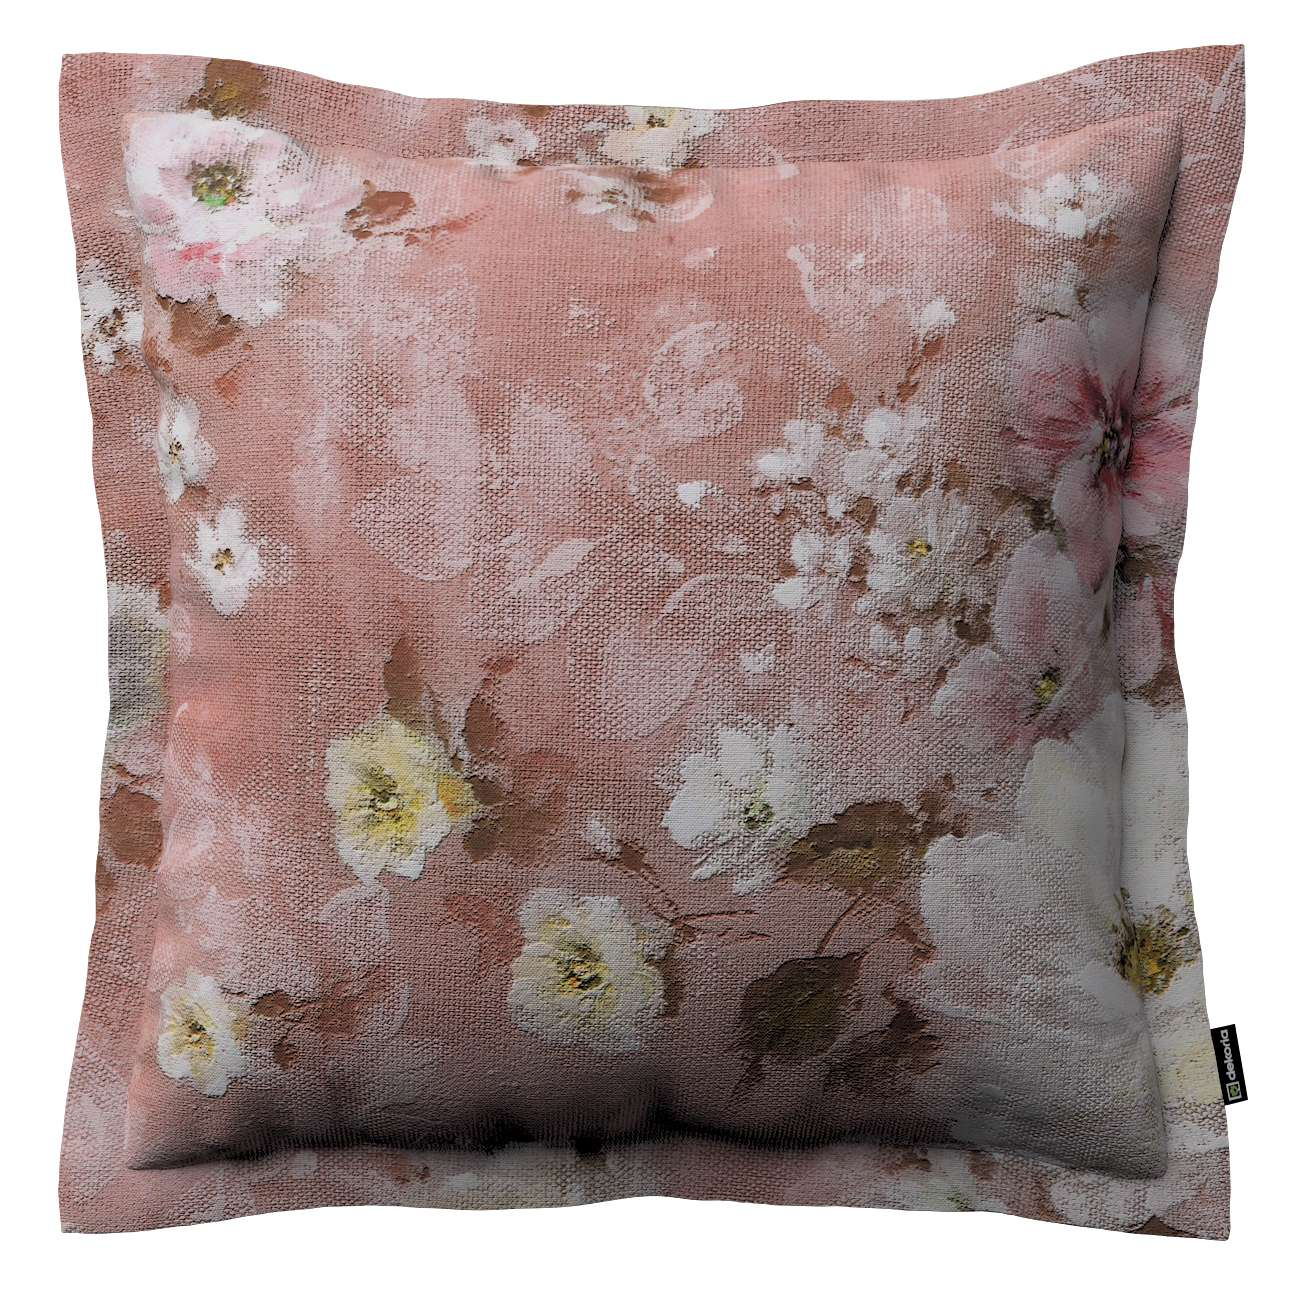 Mona dekoratyvinių pagalvėlių užvalkalas su sienele kolekcijoje Monet, audinys: 137-83